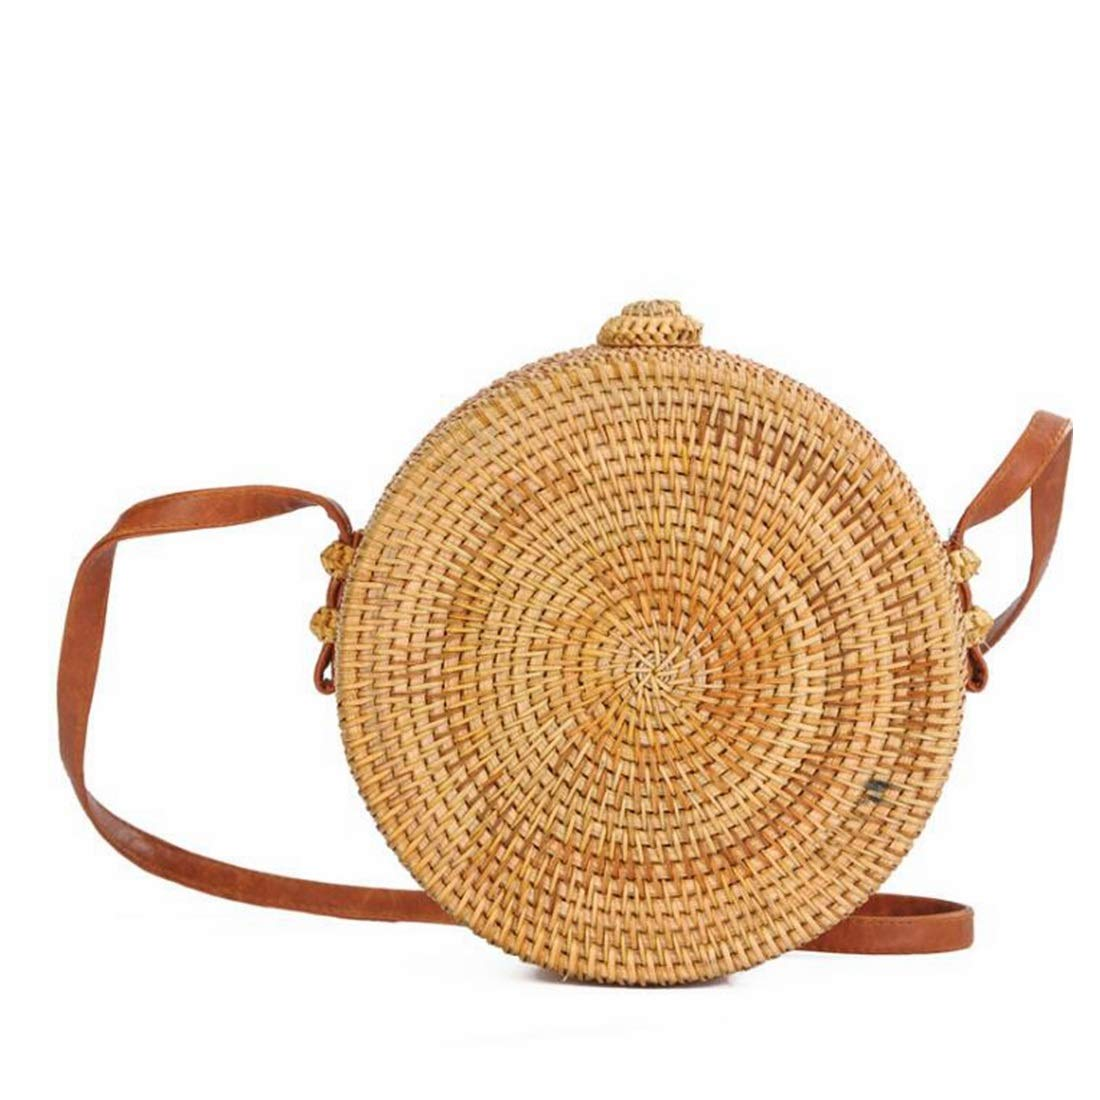 LilyAngel 女性のためのラウンドストローラタンクロスボディバッグ手作りクラッチ織りハンドバッグ (Color : 2) B07KQRXF93 2